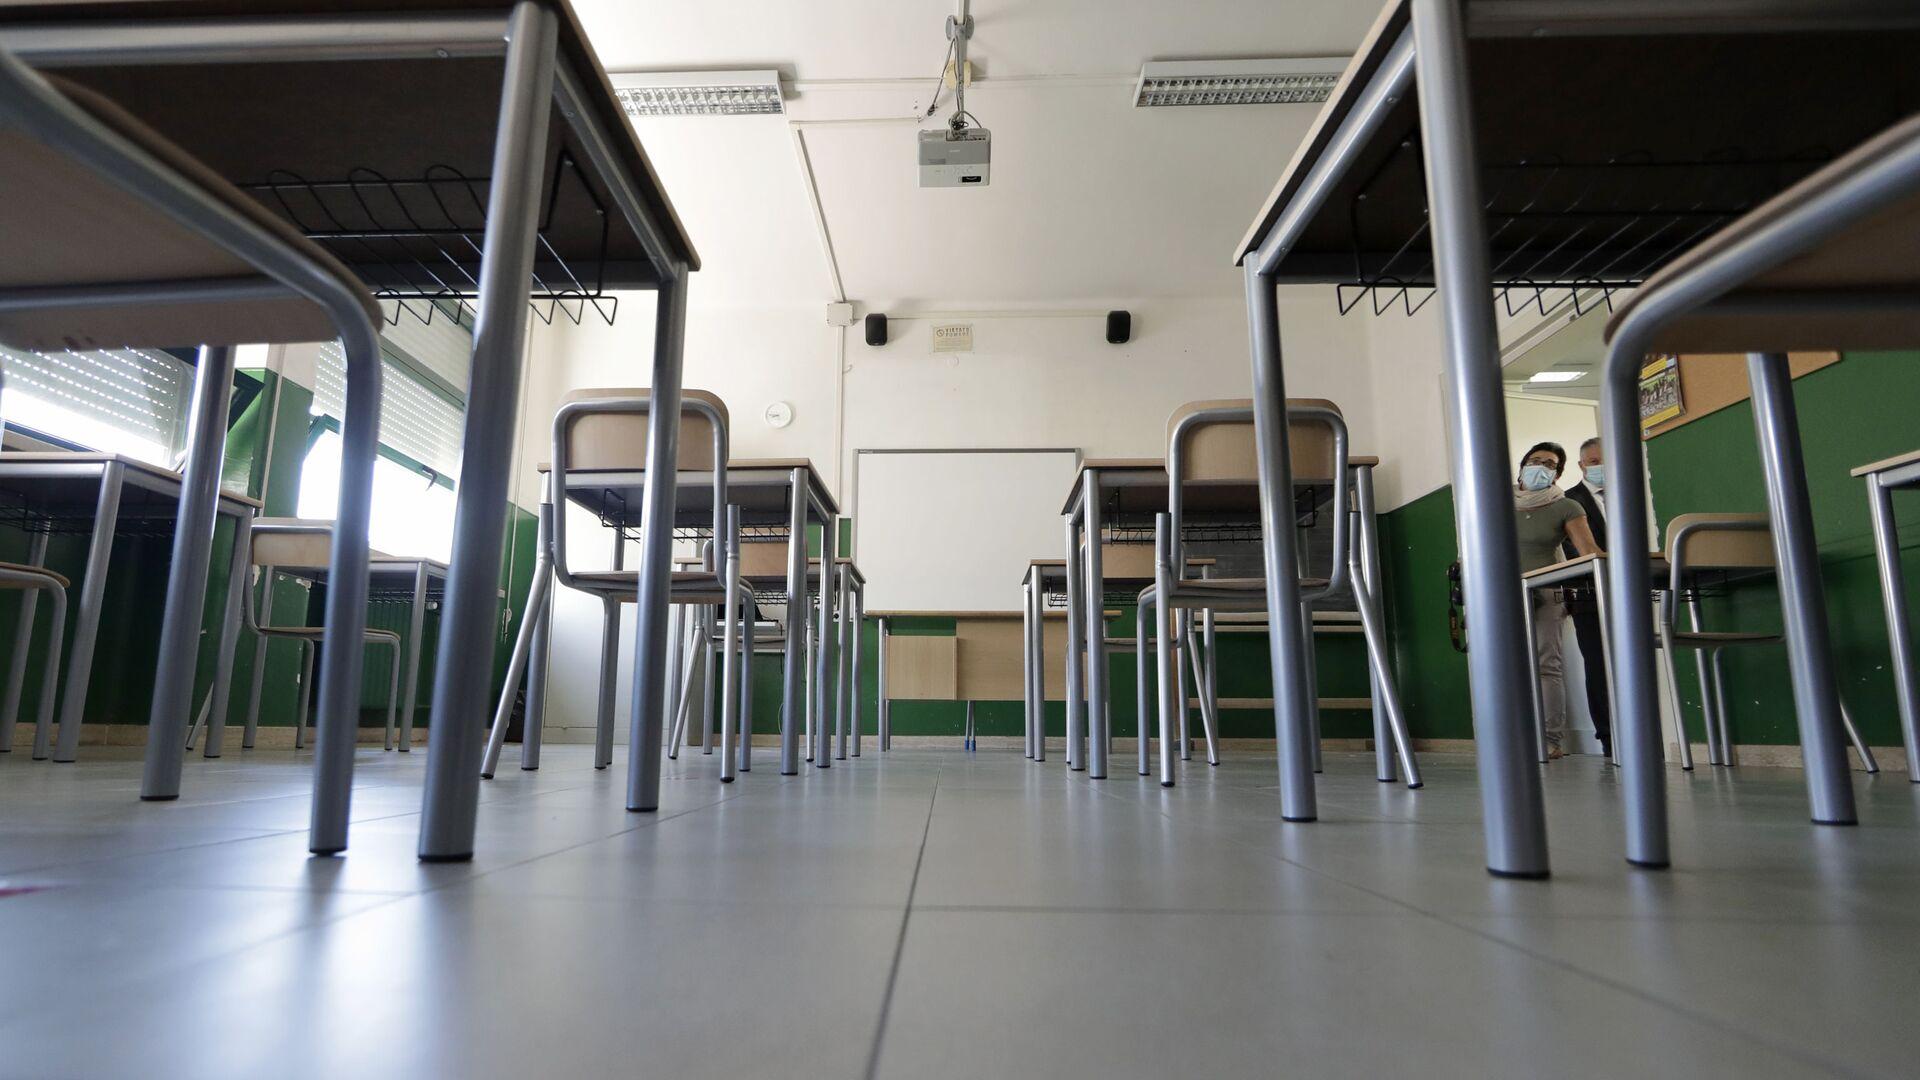 Una scuola con banchi a Roma, Italia - Sputnik Italia, 1920, 18.05.2021